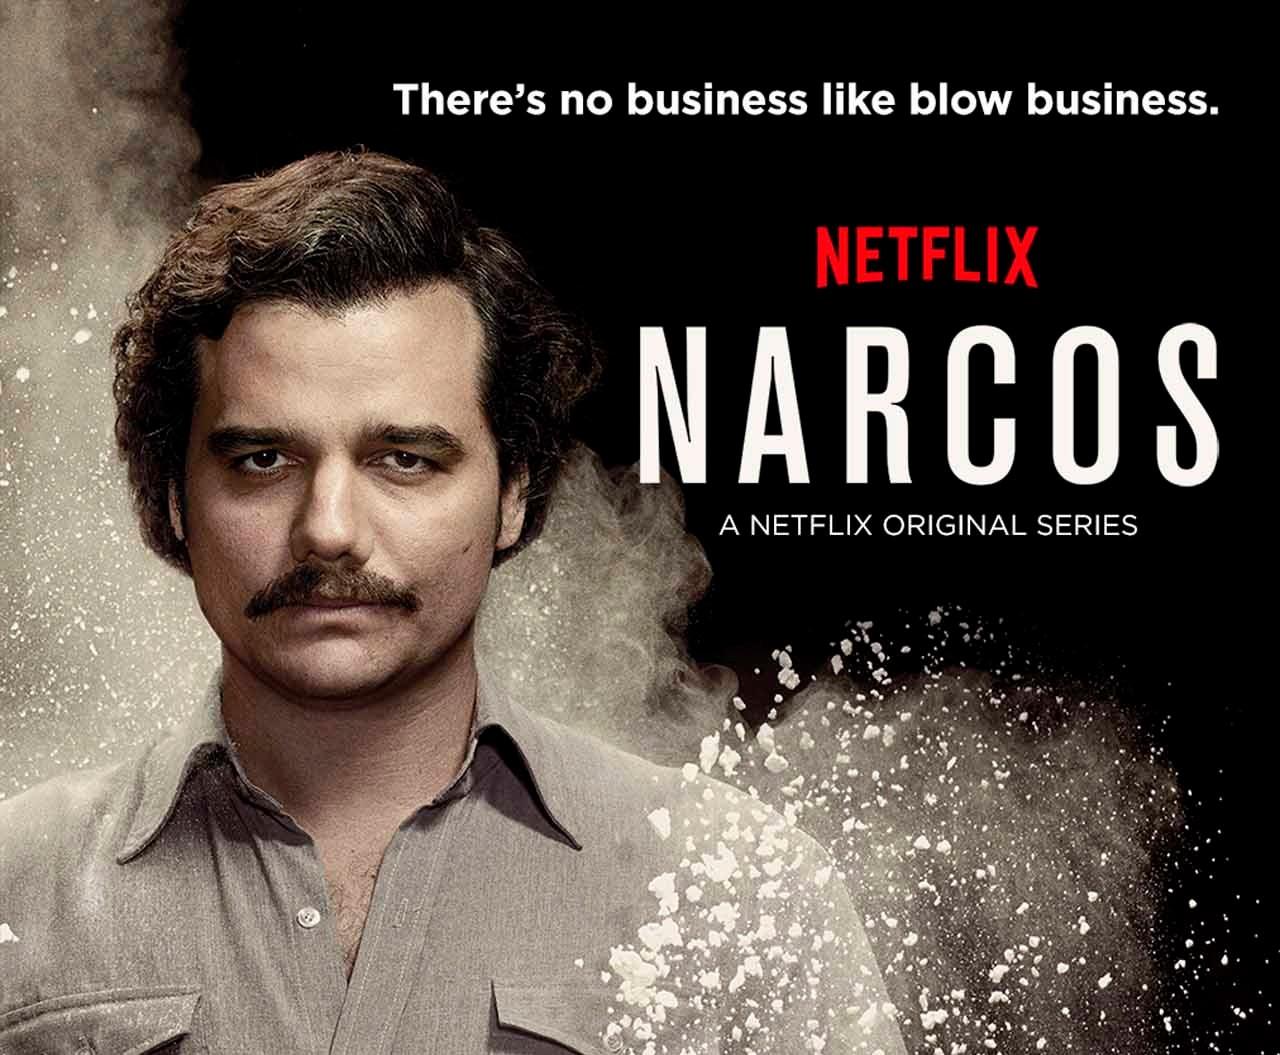 Брат наркобарона Пабло Эксобара пригрозил закрыть сериал «Нарко»